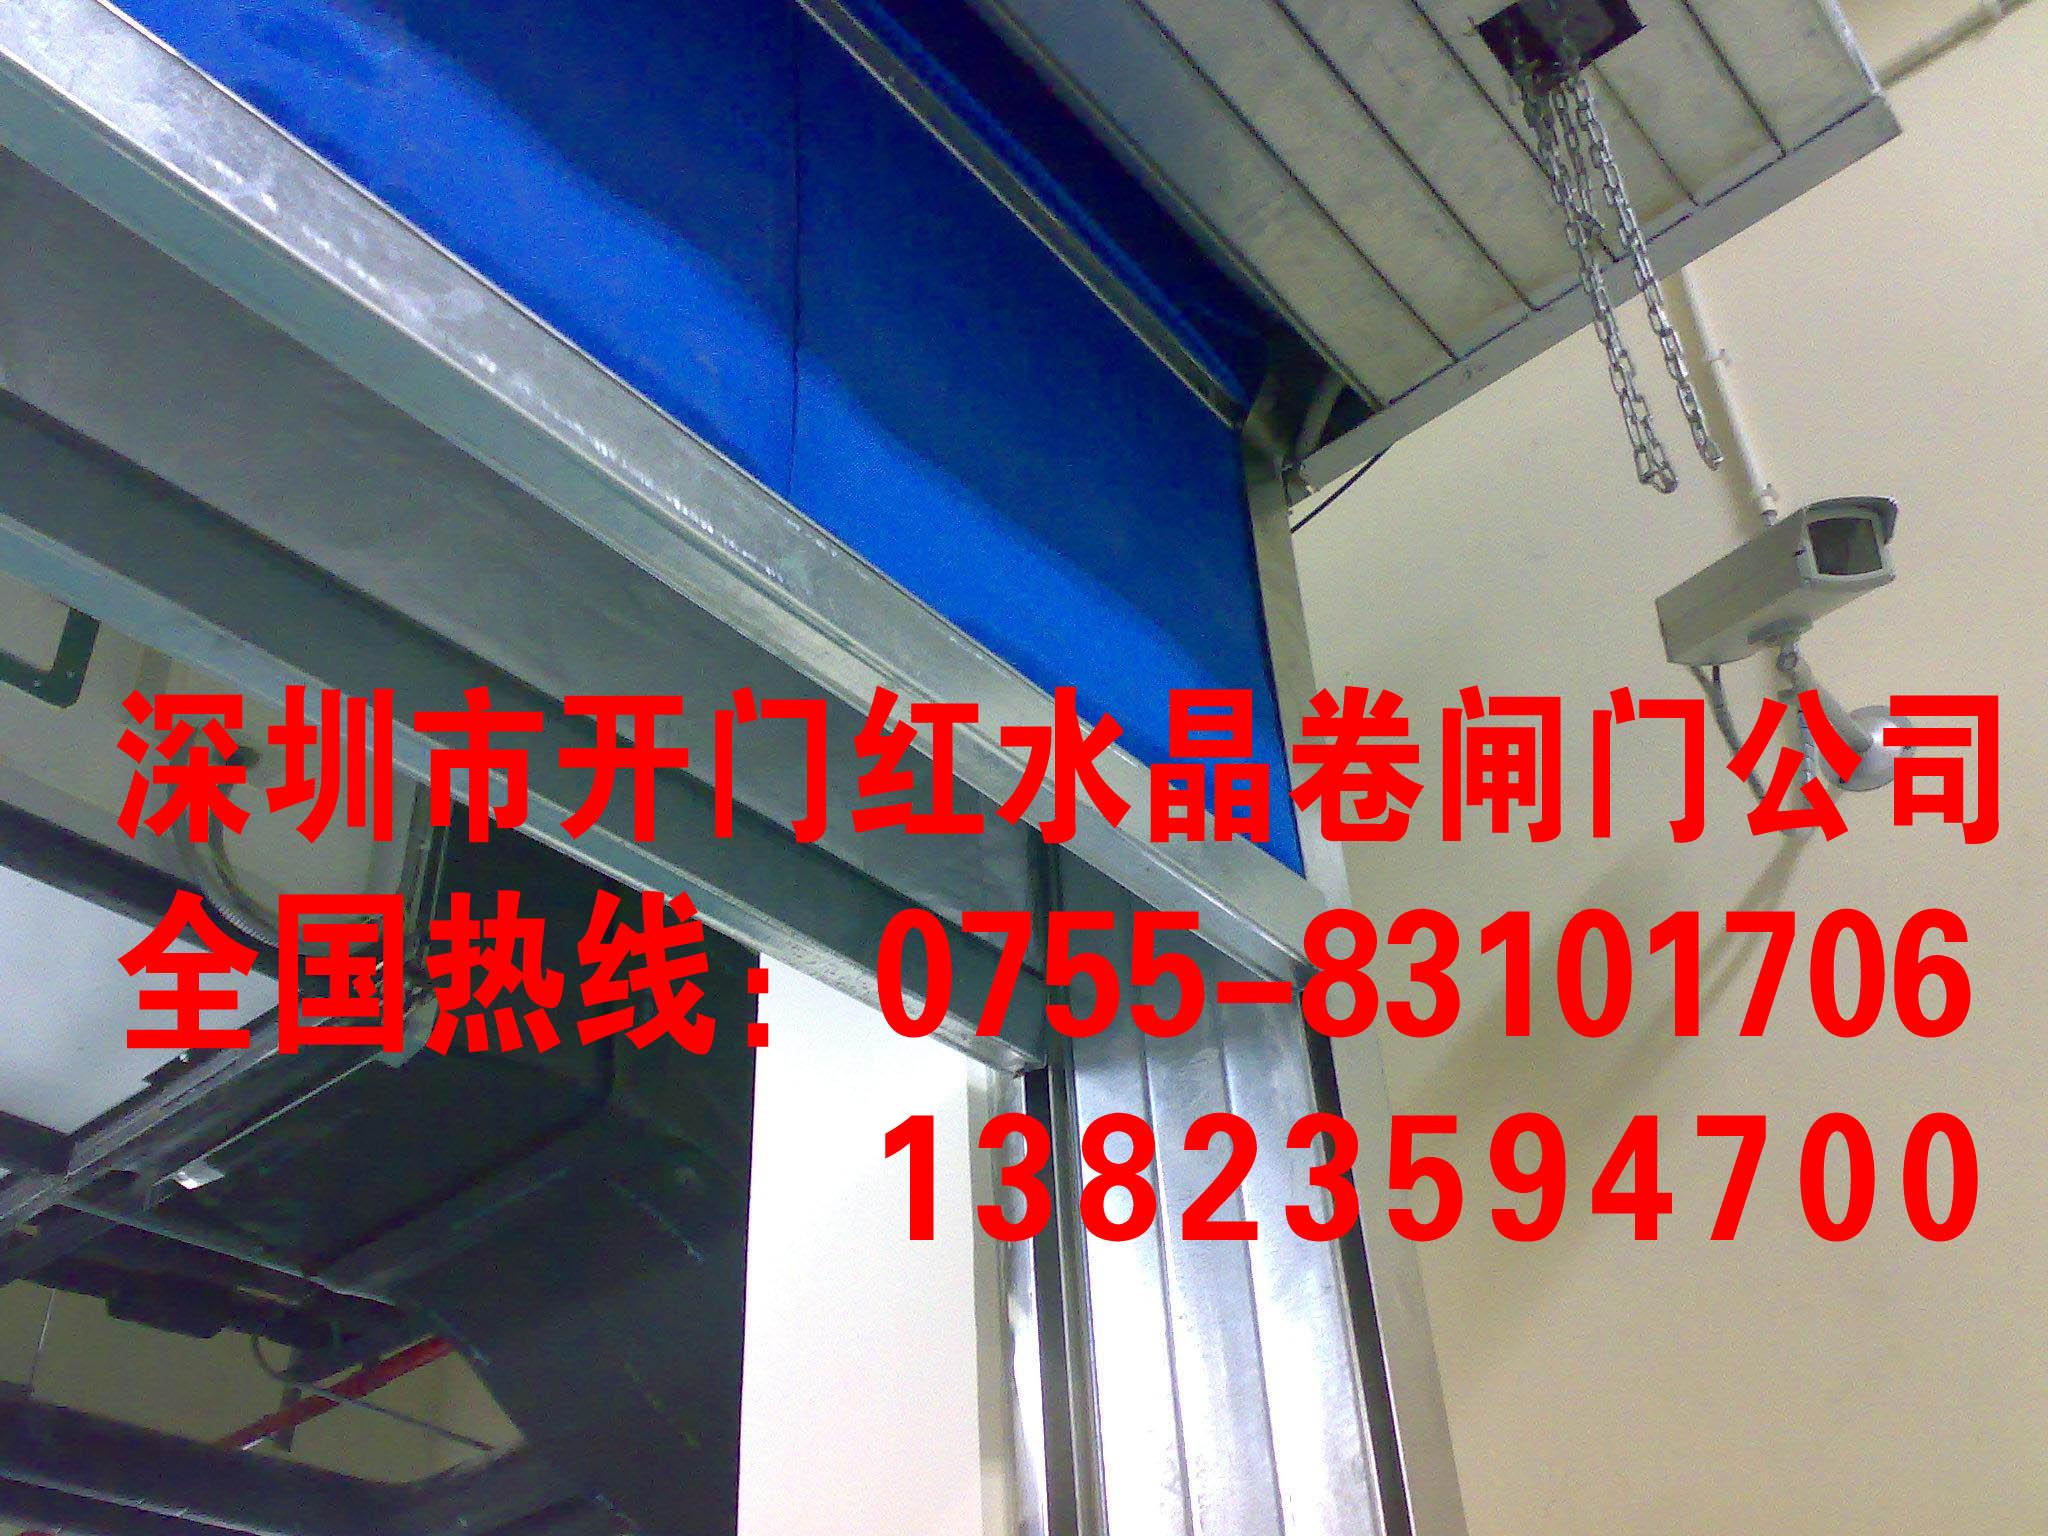 深圳布吉电动卷闸门维修